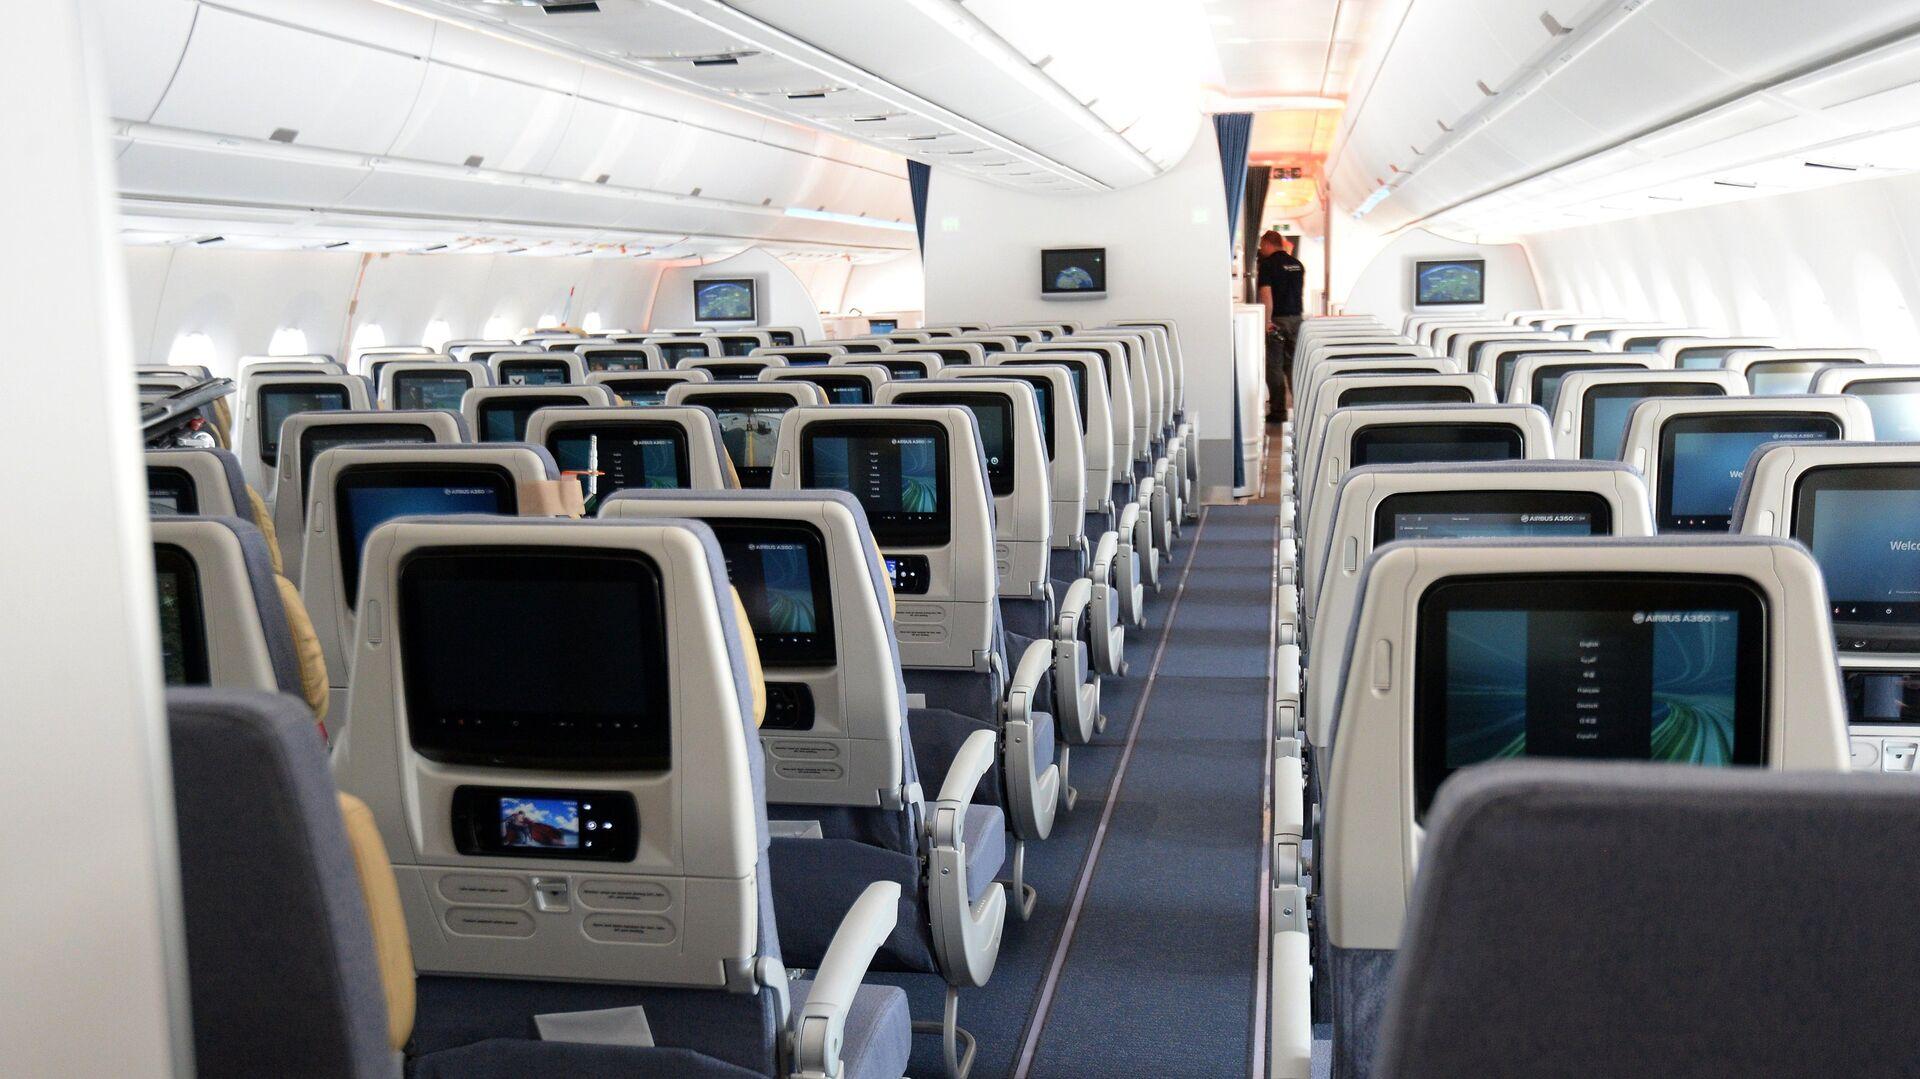 Салон эконом-класса дальнемагистрального пассажирского самолета Airbus A350 XWB в аропорту Шереметьево - РИА Новости, 1920, 11.09.2020